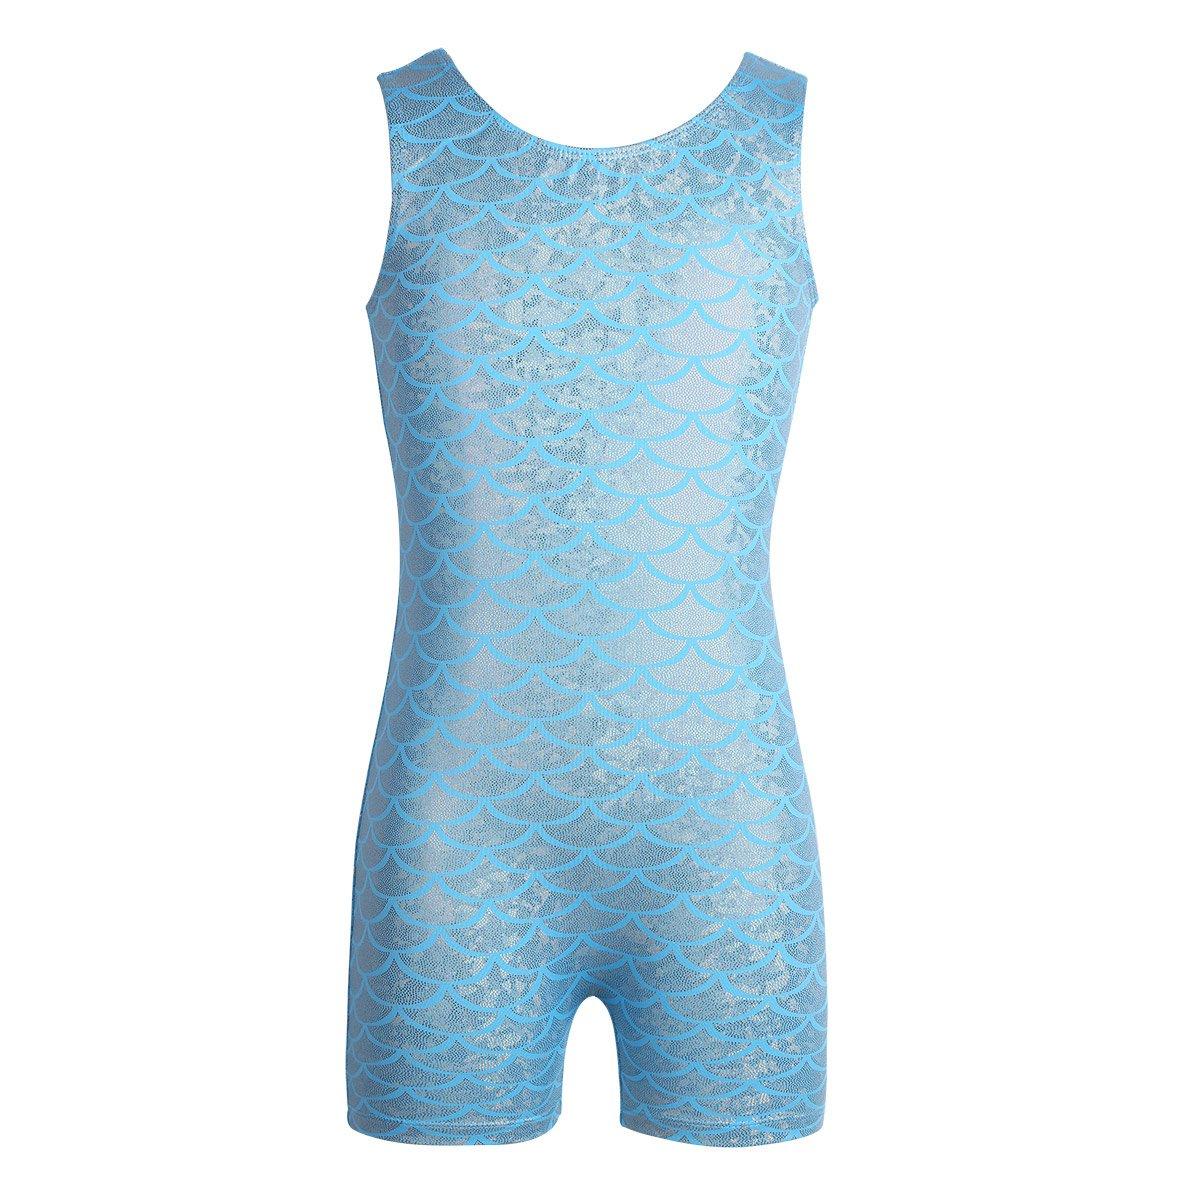 CHICTRY ガールズ ミスティック スパークルノースリーブ 体操 タンクトップ レオタード カラフル リボン ダンス ユニット B07DPHZNMT 6-7|Shiny Scales Blue Shiny Scales Blue 43623